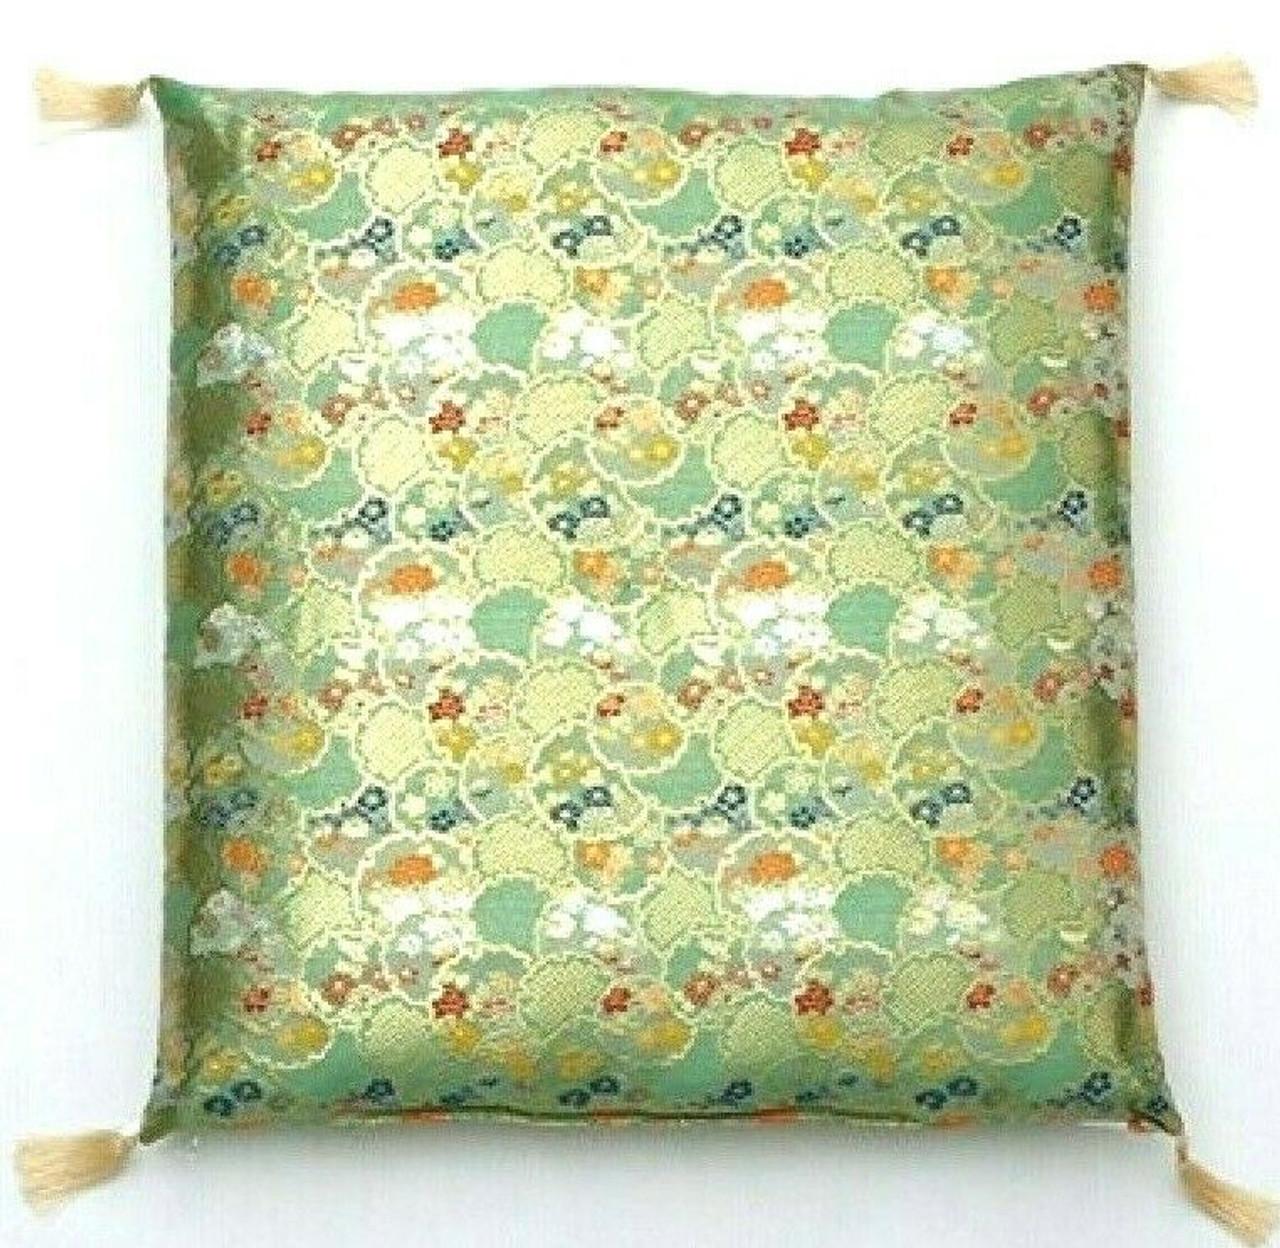 zabuton japanese floor cushion mat kinran gold autumn green japan 59x63cm hattan